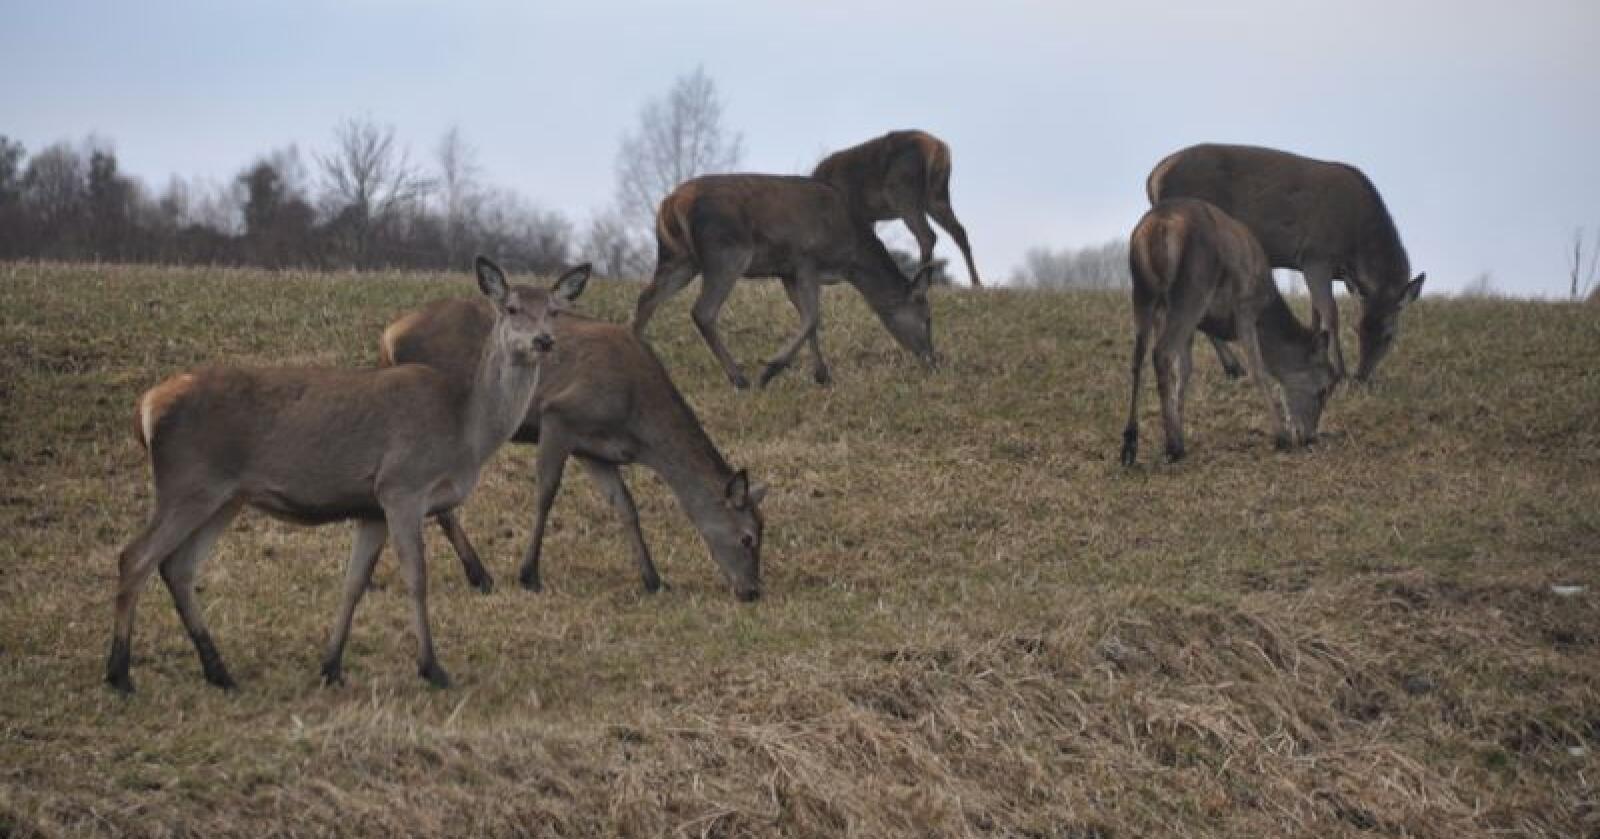 Flere rådyr, elg, hjort og villrein klarte seg i trafikken i jaktåret 2018/19 enn sist jaktår. Her sees hjortedyr betende på eng i Møre og Romsdal. Foto: Arnar Lyche/Møre og Romsdal Bondelag